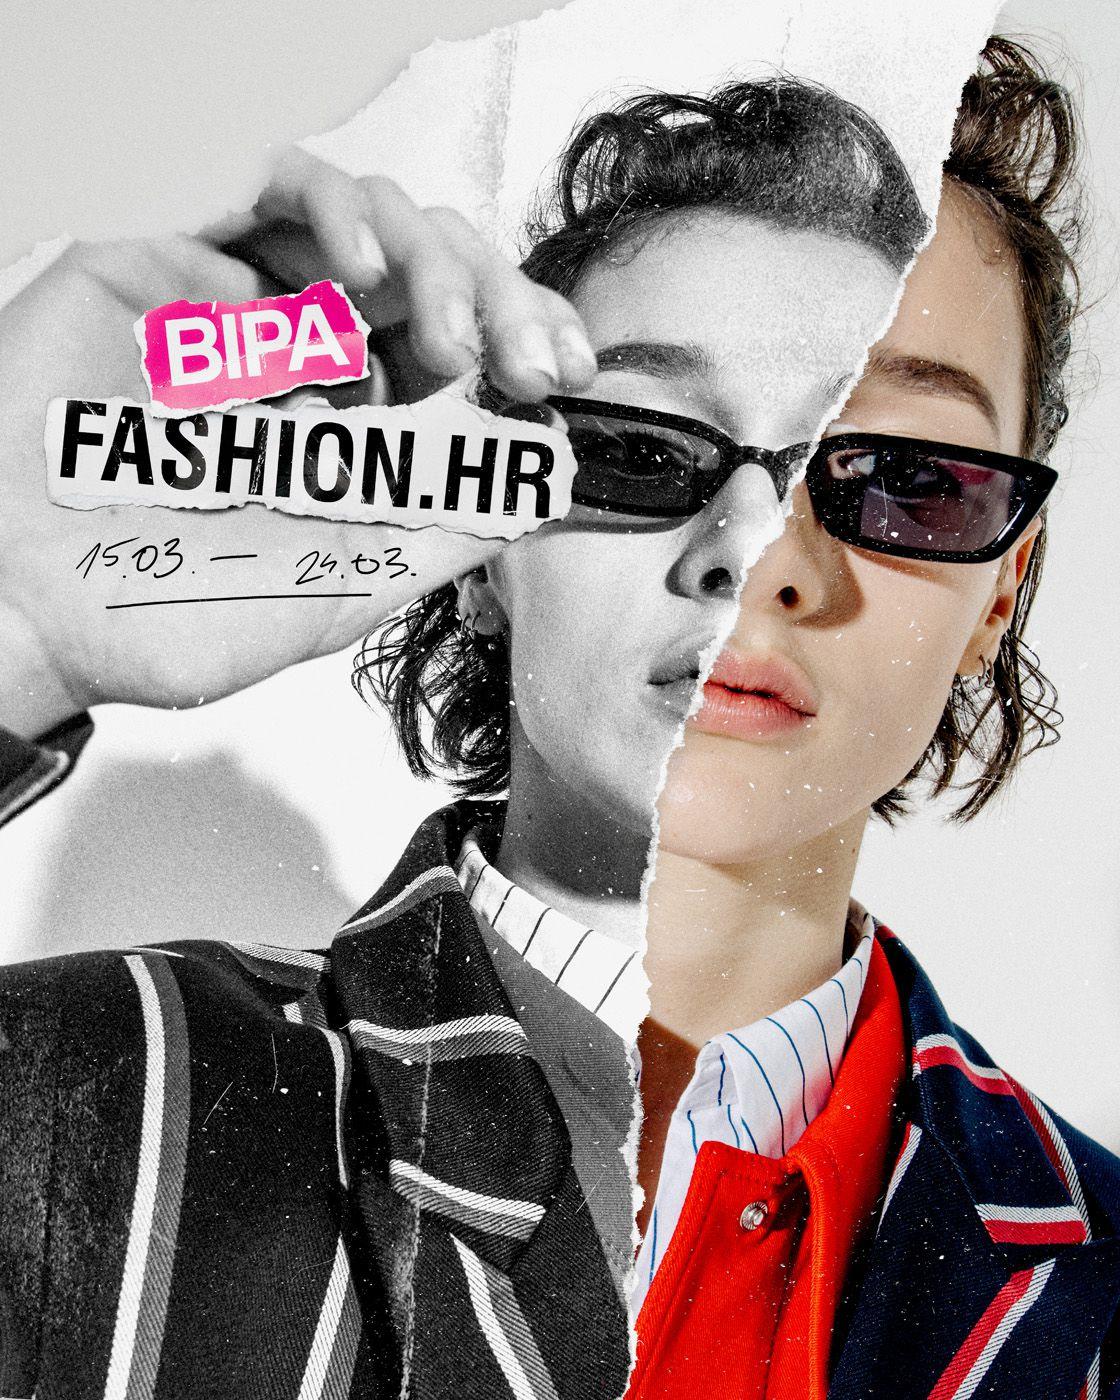 Vrijeme je za modu – energična kampanja BIPA FASHION.HR-a